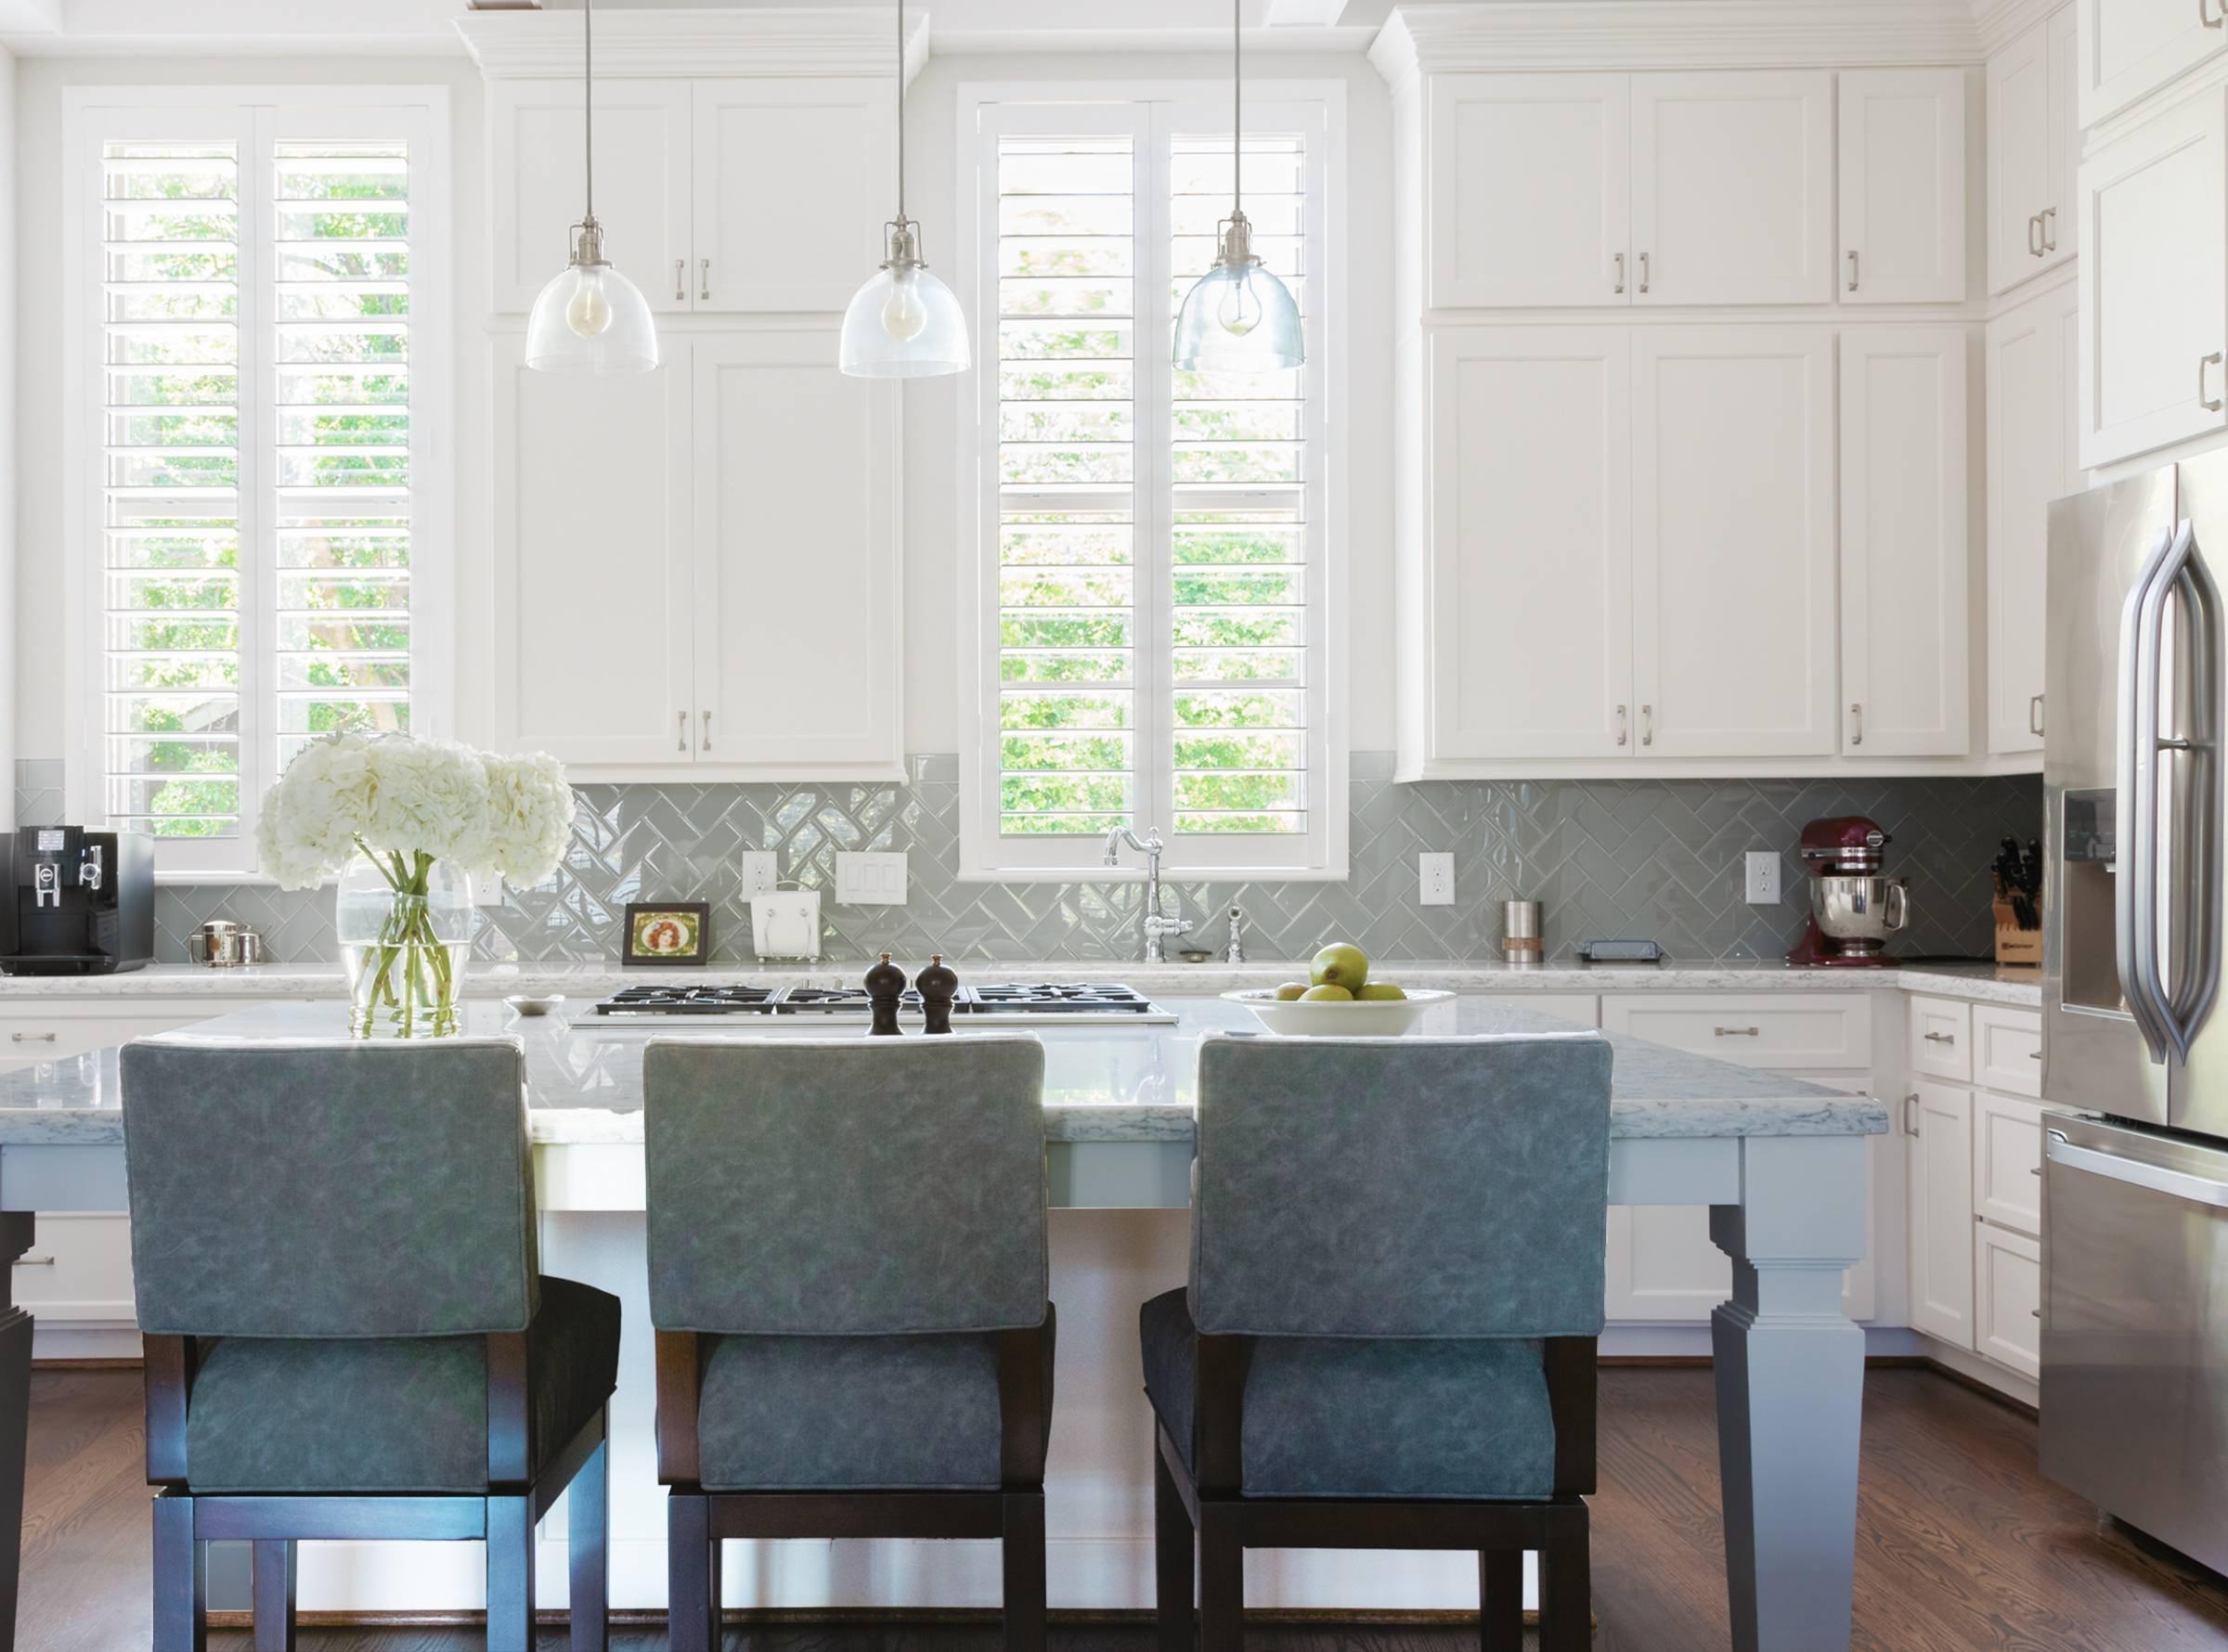 traditional kitchen by houzz interior designer houston karen davis